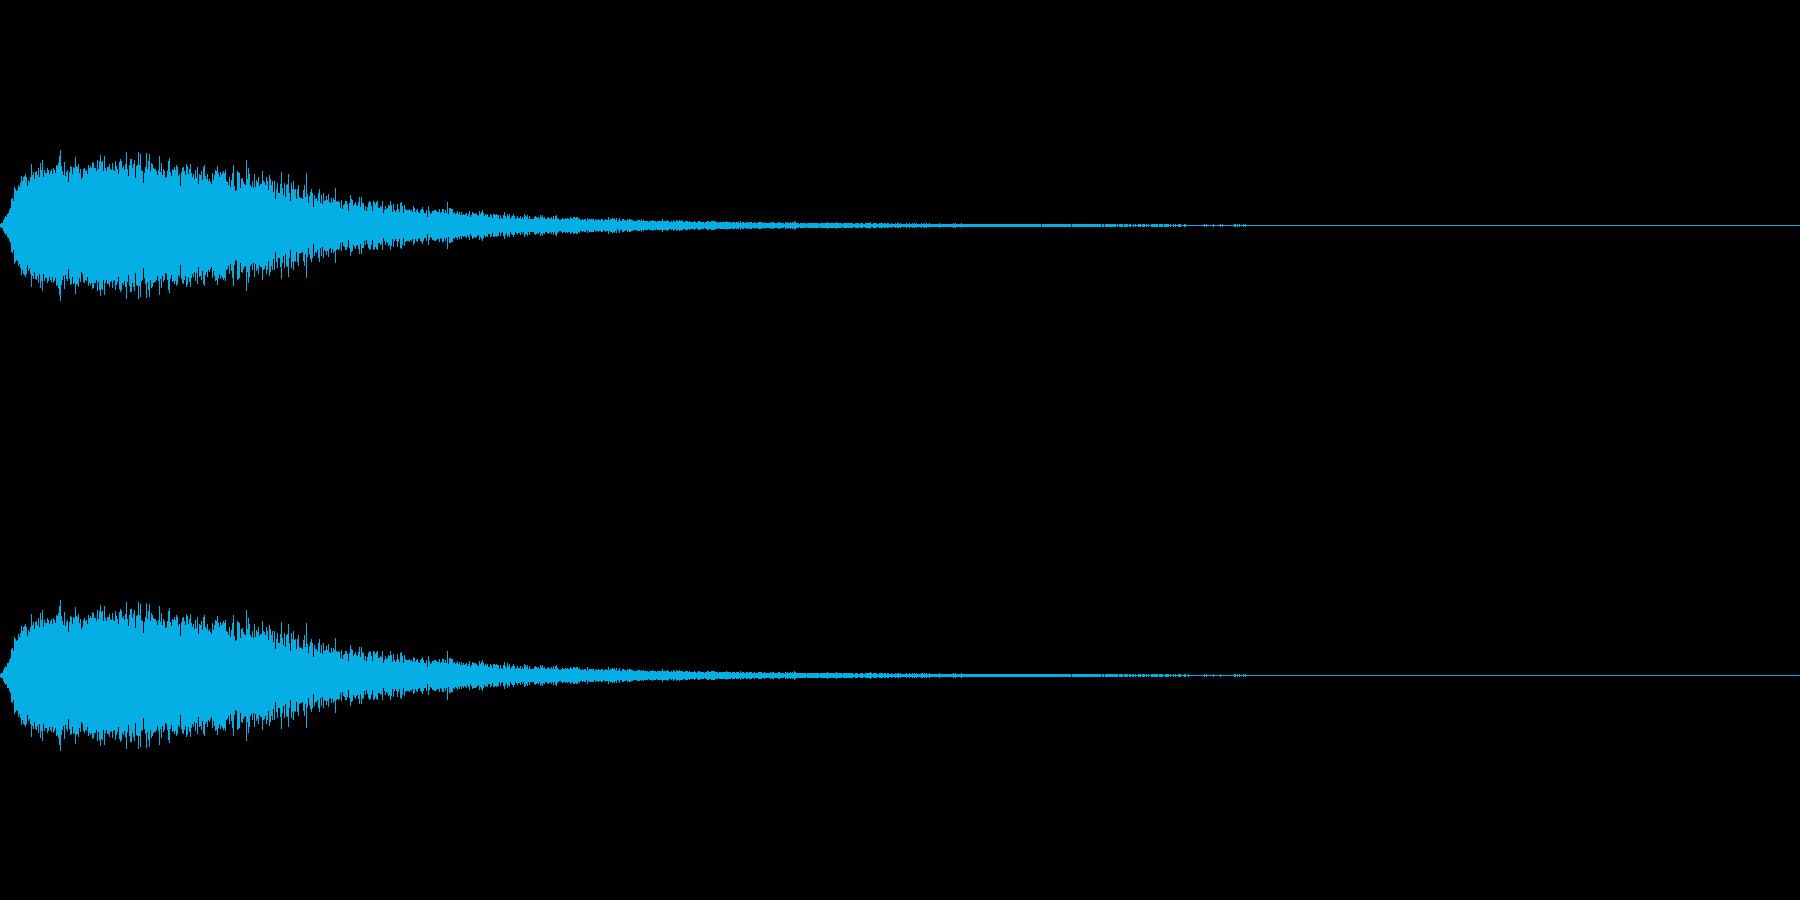 シュー(空気、蒸気、ガス)その4の再生済みの波形